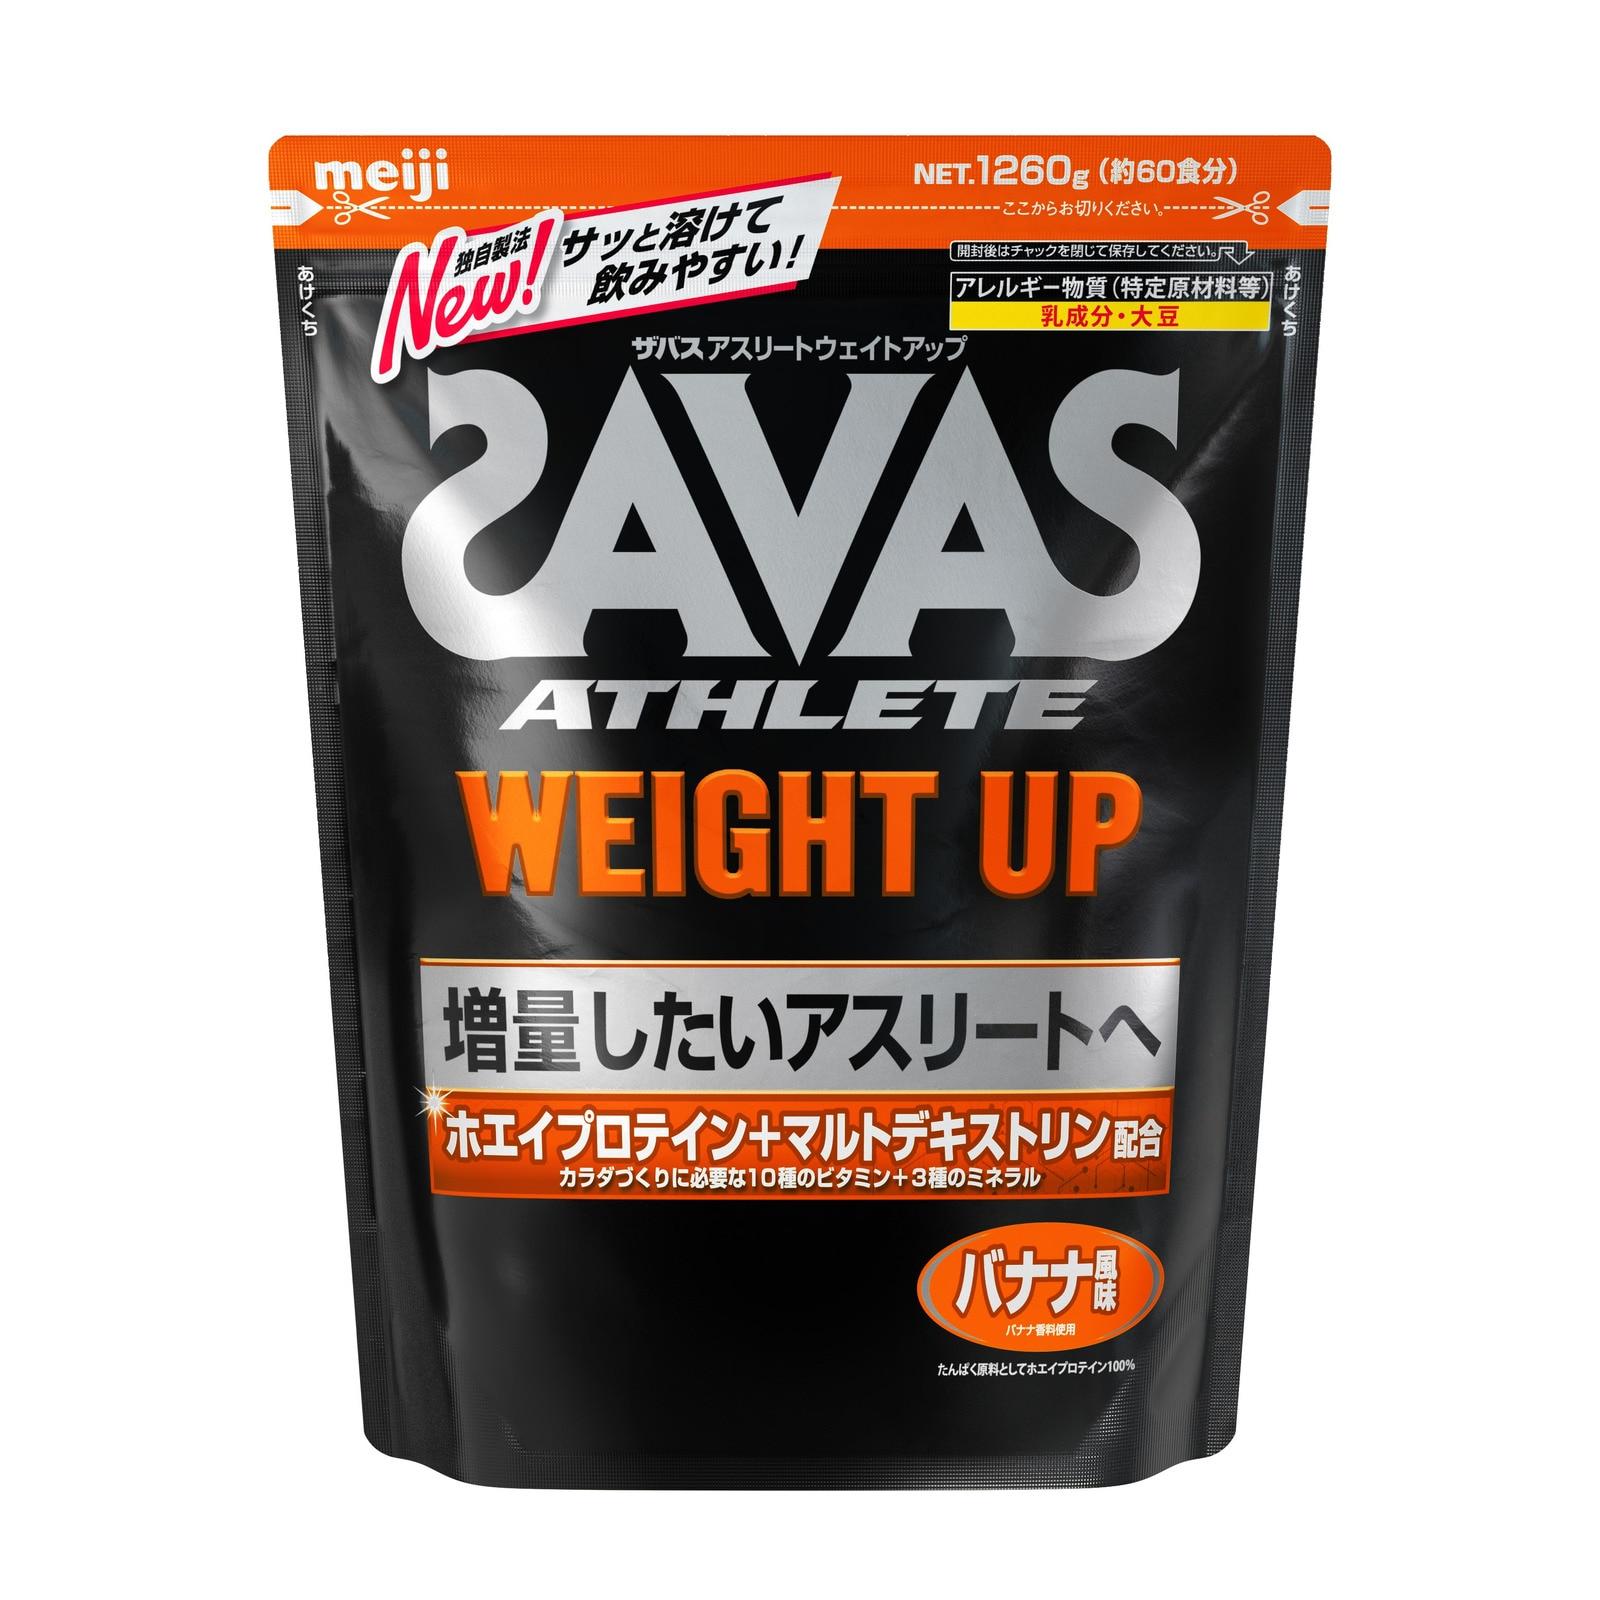 SAVAS アスリート ウェイトアップ バナナ風味 2630869 1260g 約60食入 FF 0 トレーニング